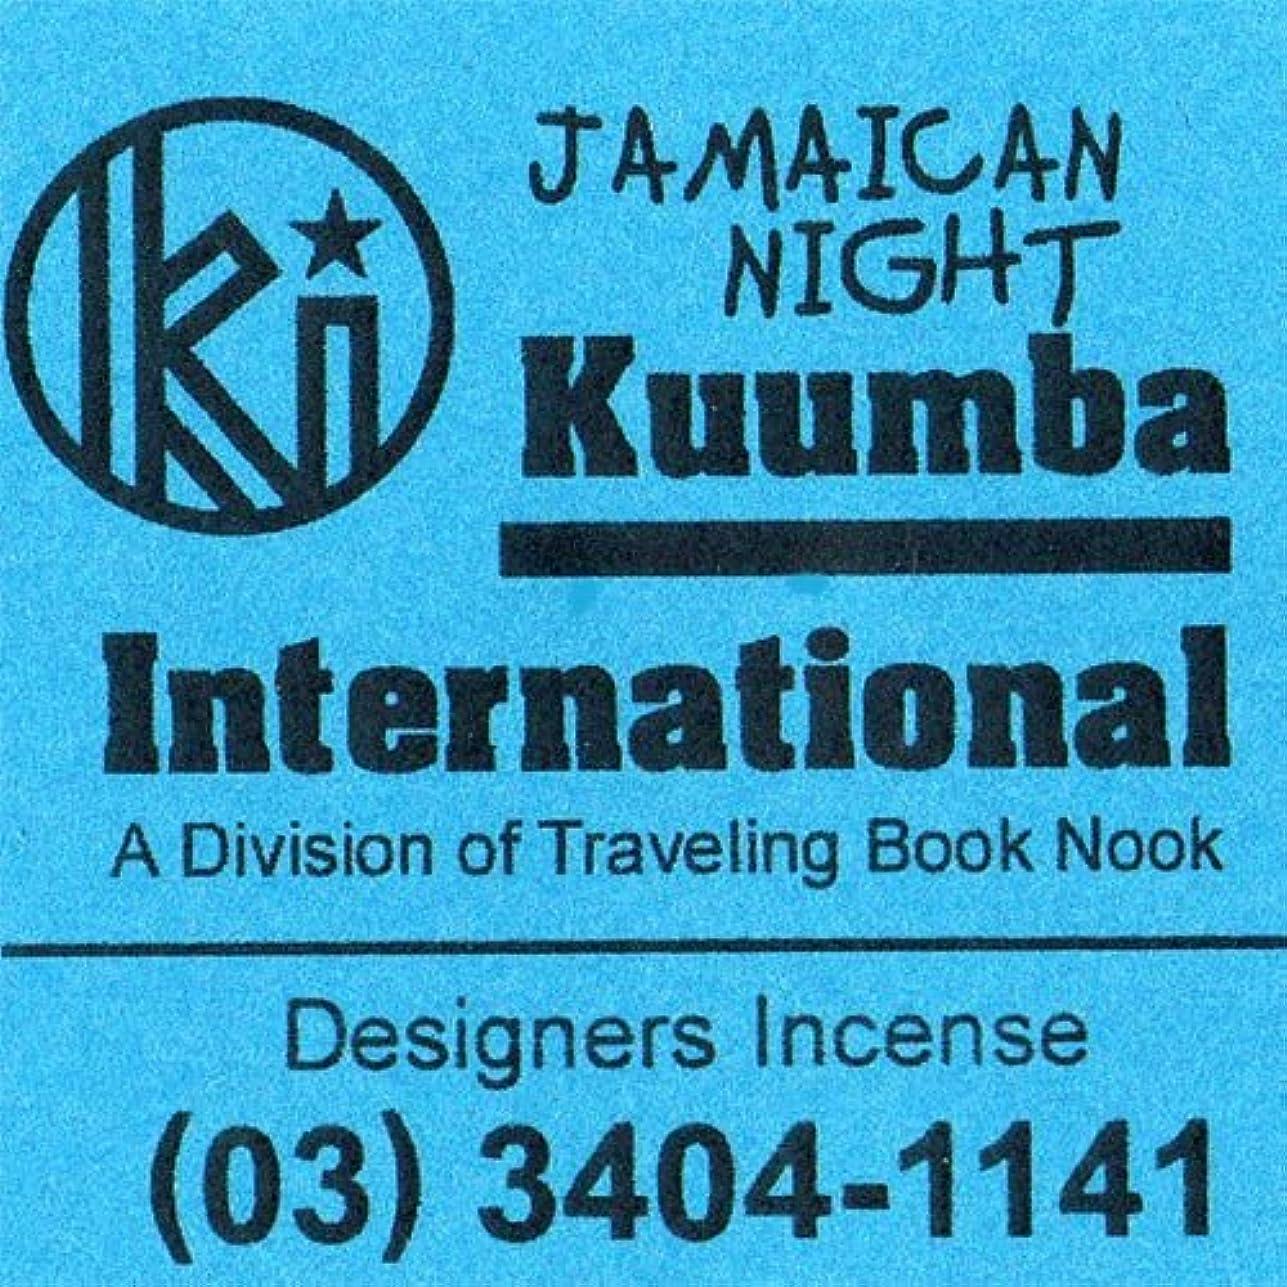 暴動我慢する汚染KUUMBA / クンバ『incense』(JAMAICAN NIGHT) (Regular size)